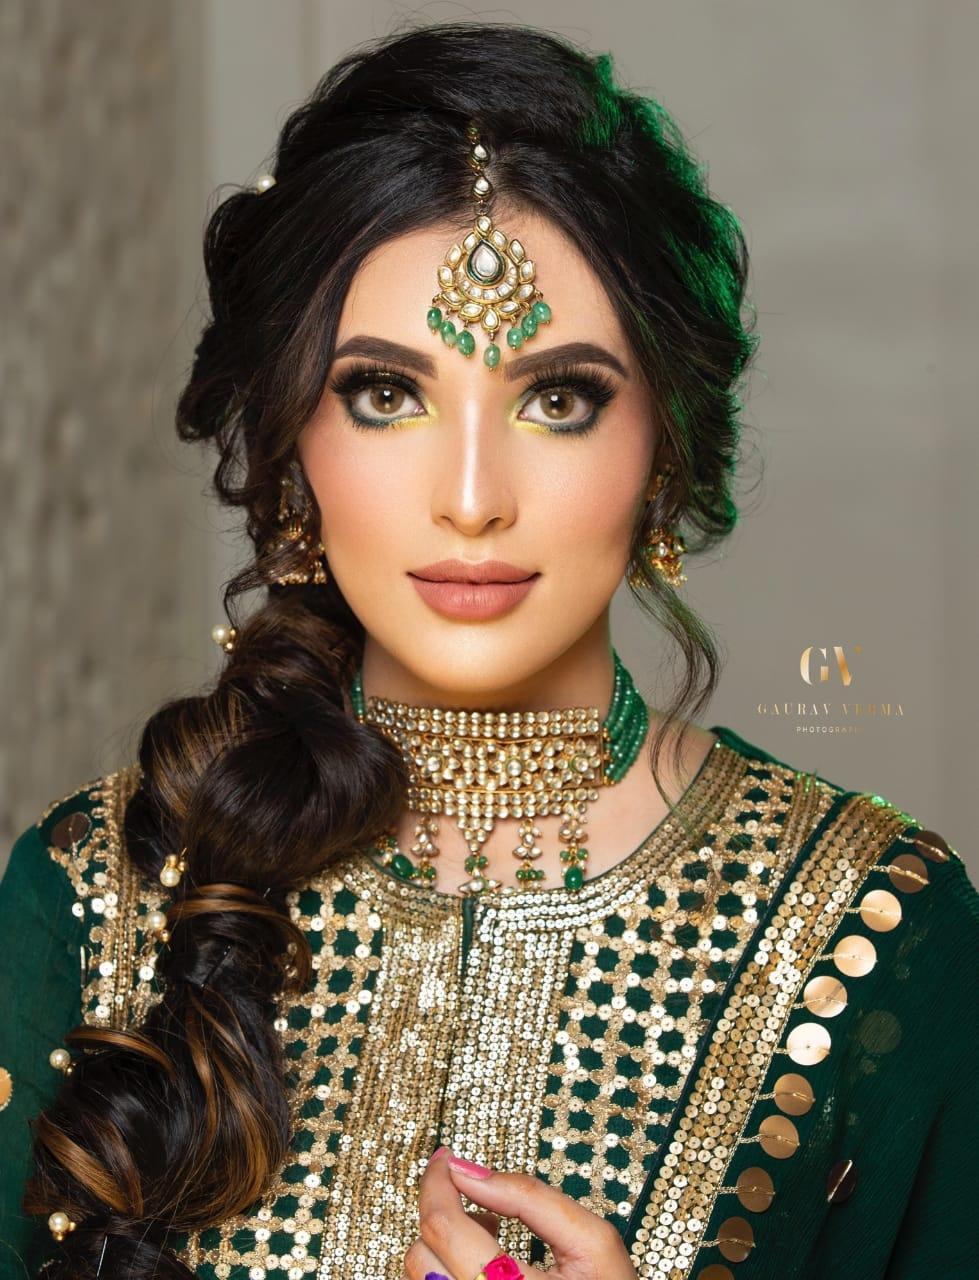 makeup artist in lucknow - Look 1